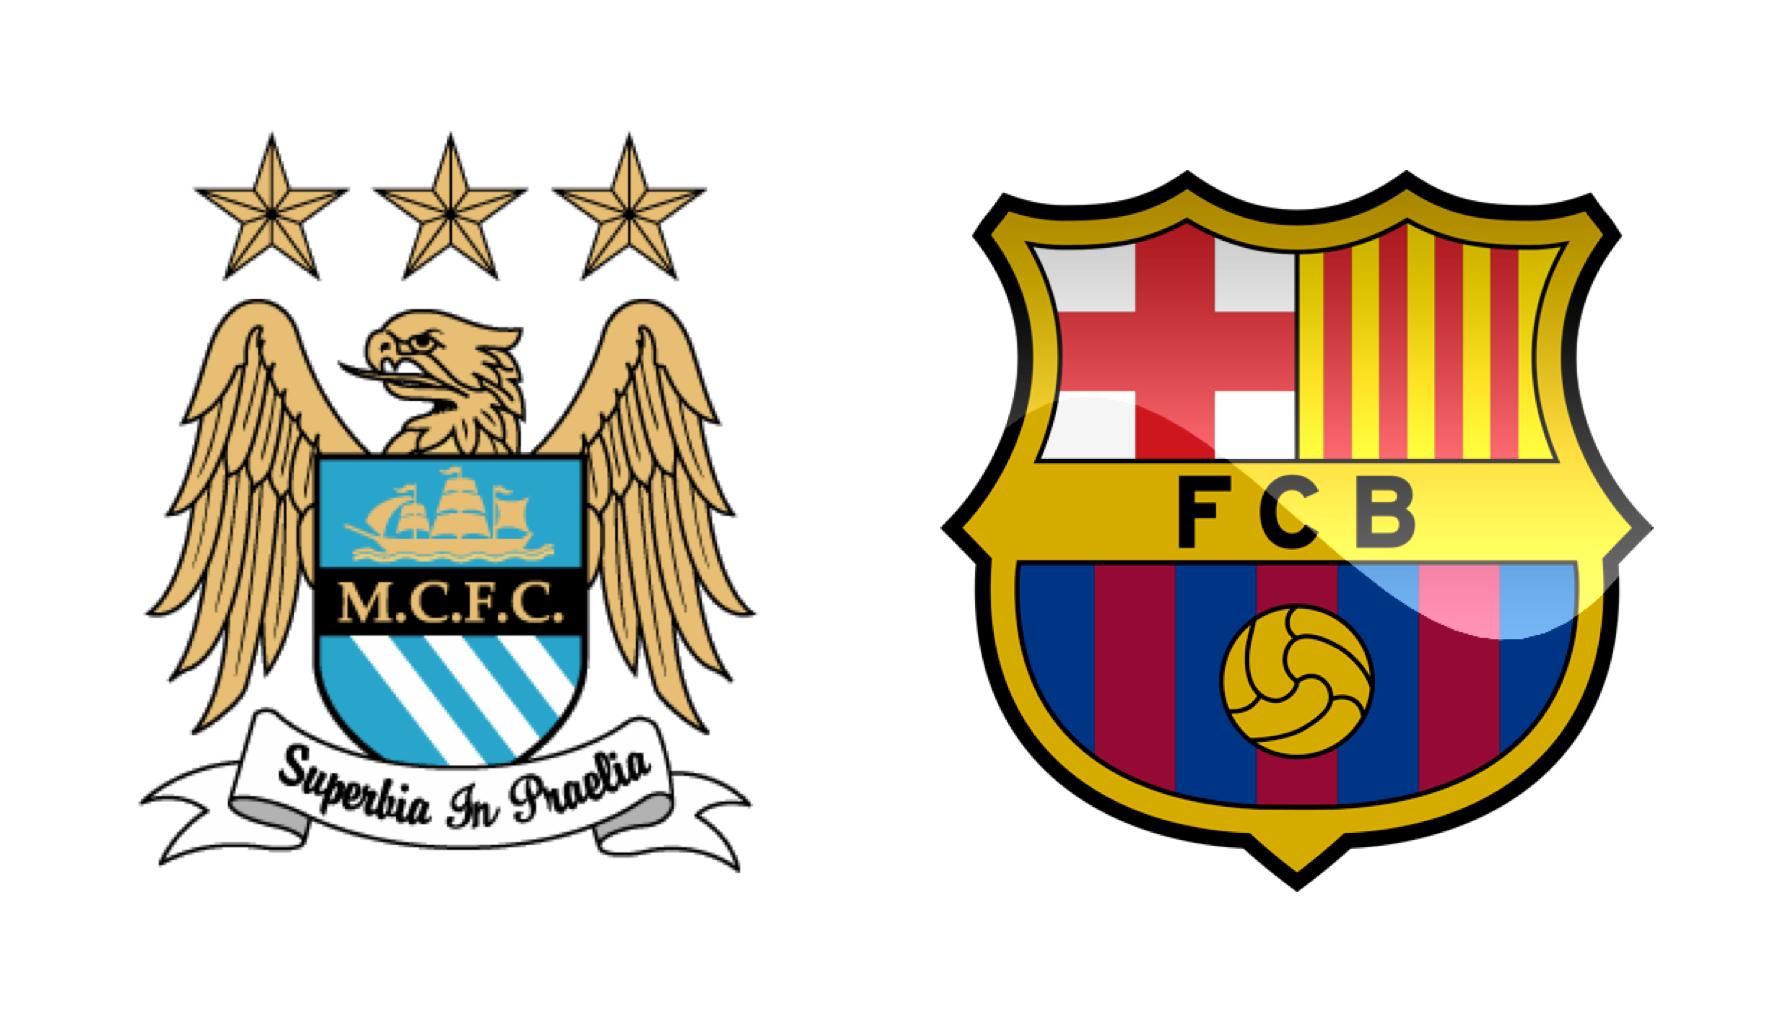 Barcelona Vs Man City Logo: LA TERTULIA RB ESPECIAL MAN. CITY